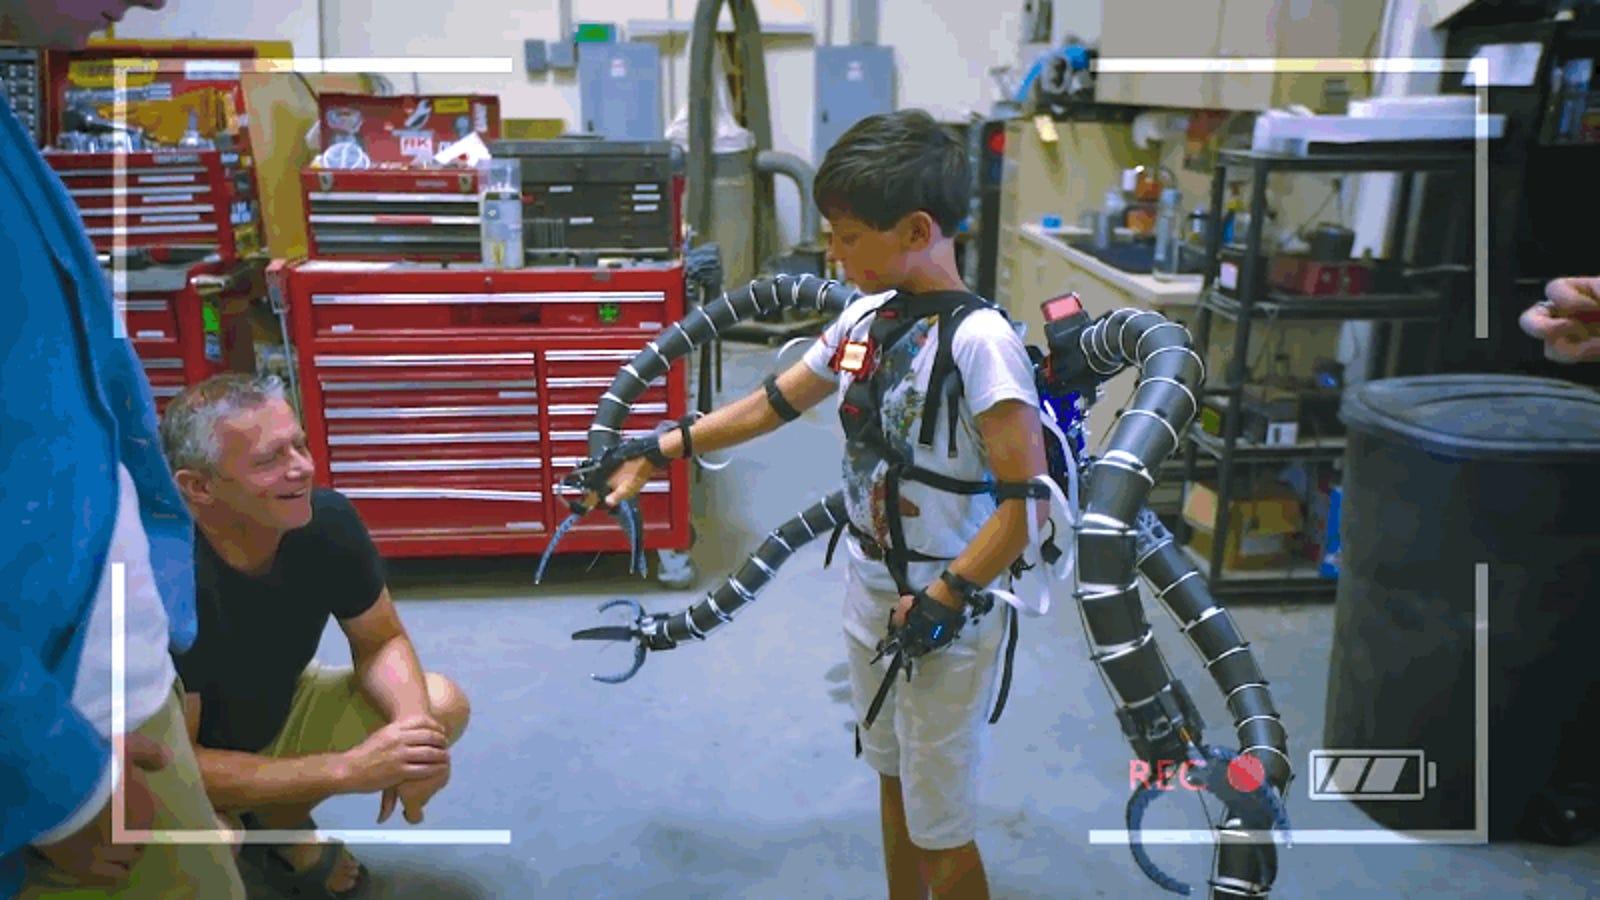 Un adolescente millonario construye el exoesqueleto robótico del Dr. Octopus para un niño con problemas de movilidad